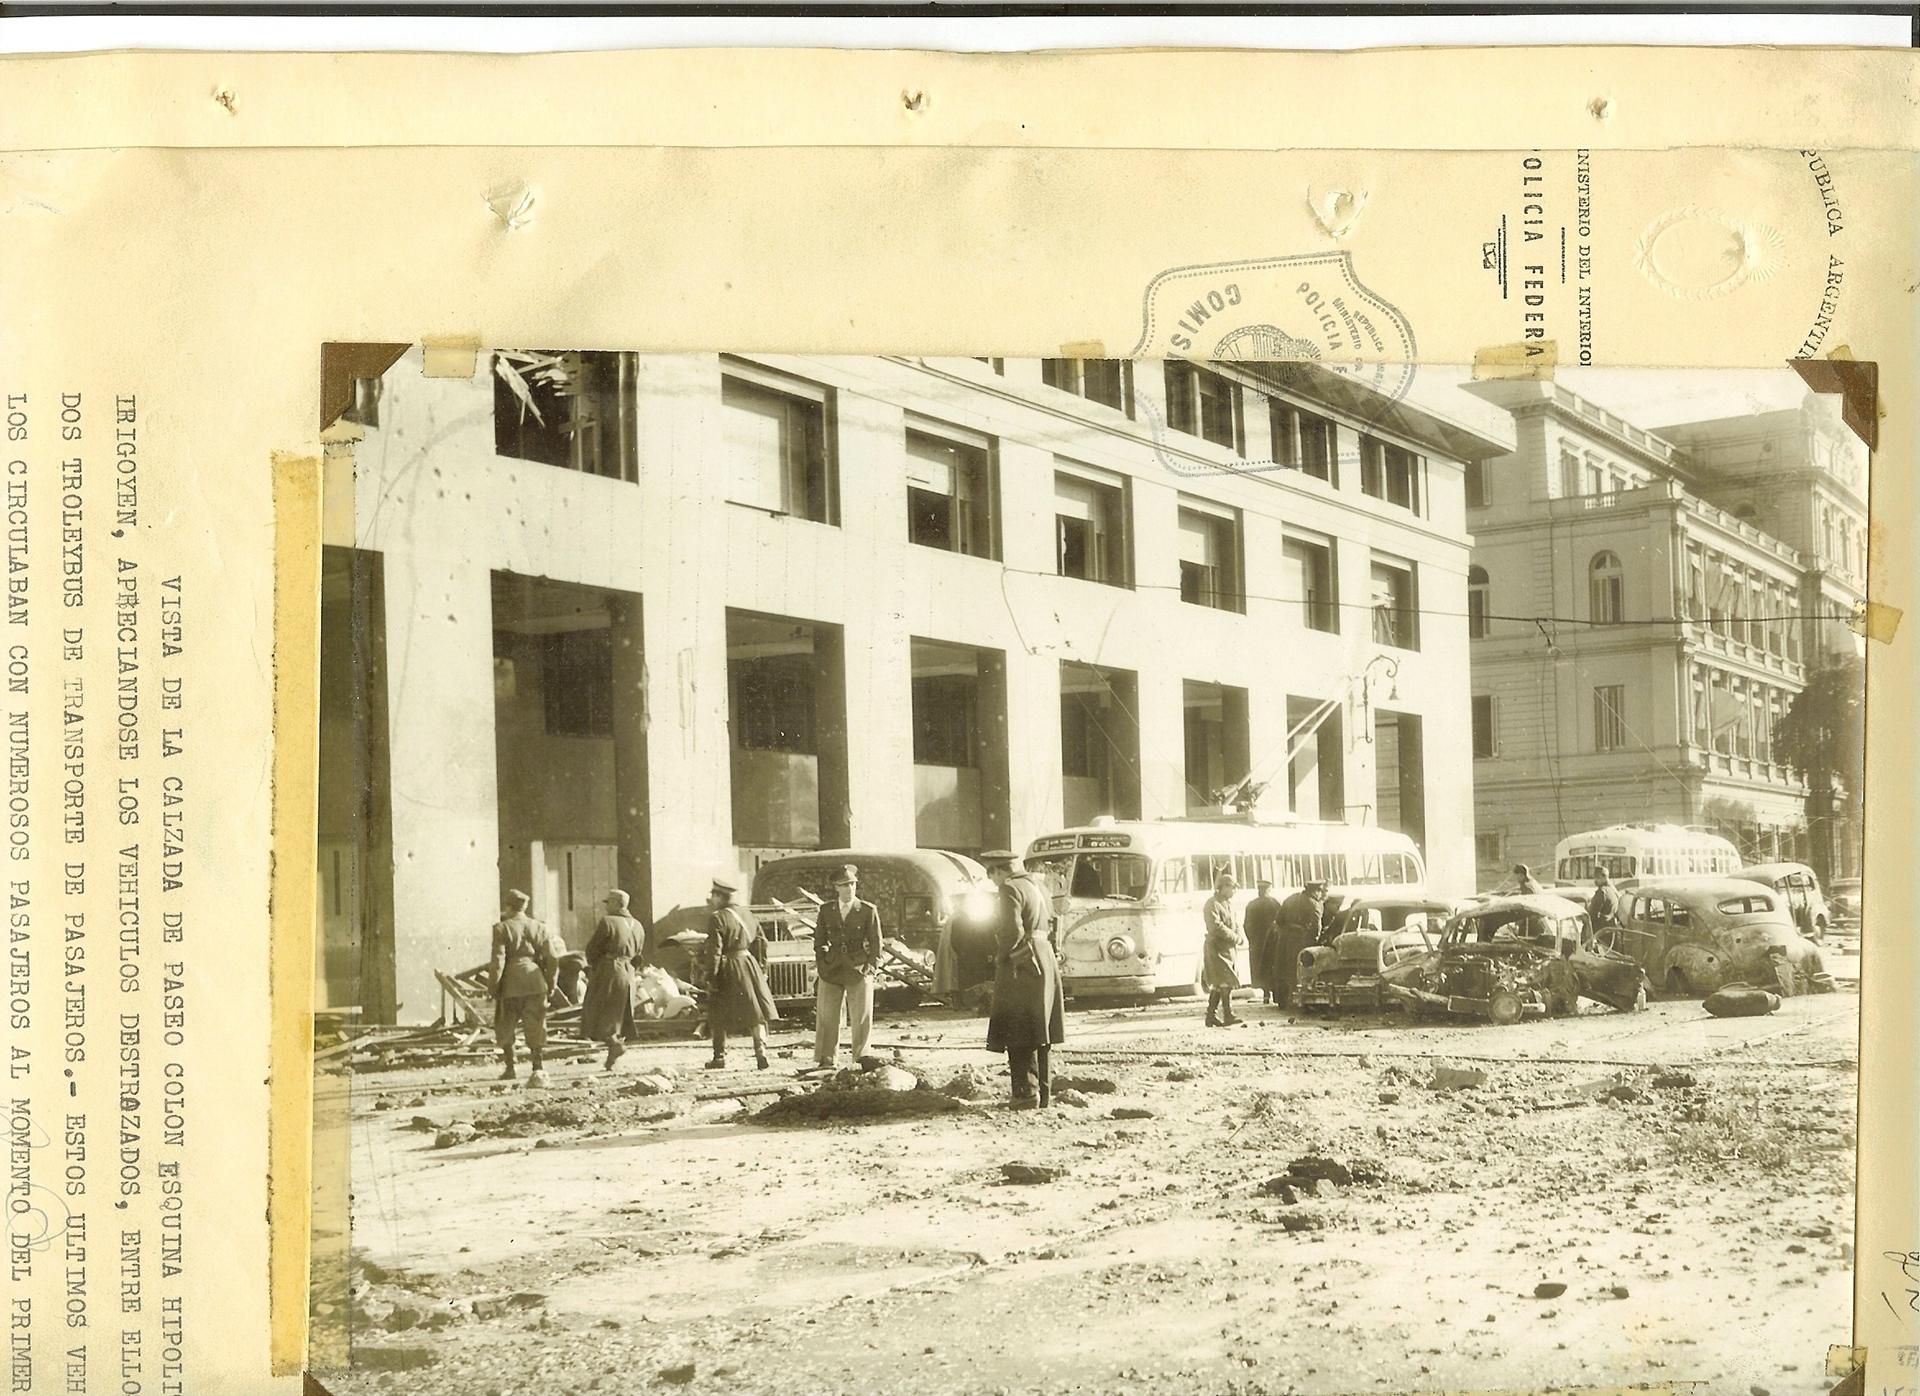 Paseo Colón e Hipólito Yrigoyen. Fotos aportadas por la Policía Federal al expediente judicial por los bombardeos de la Plaza de Mayo.